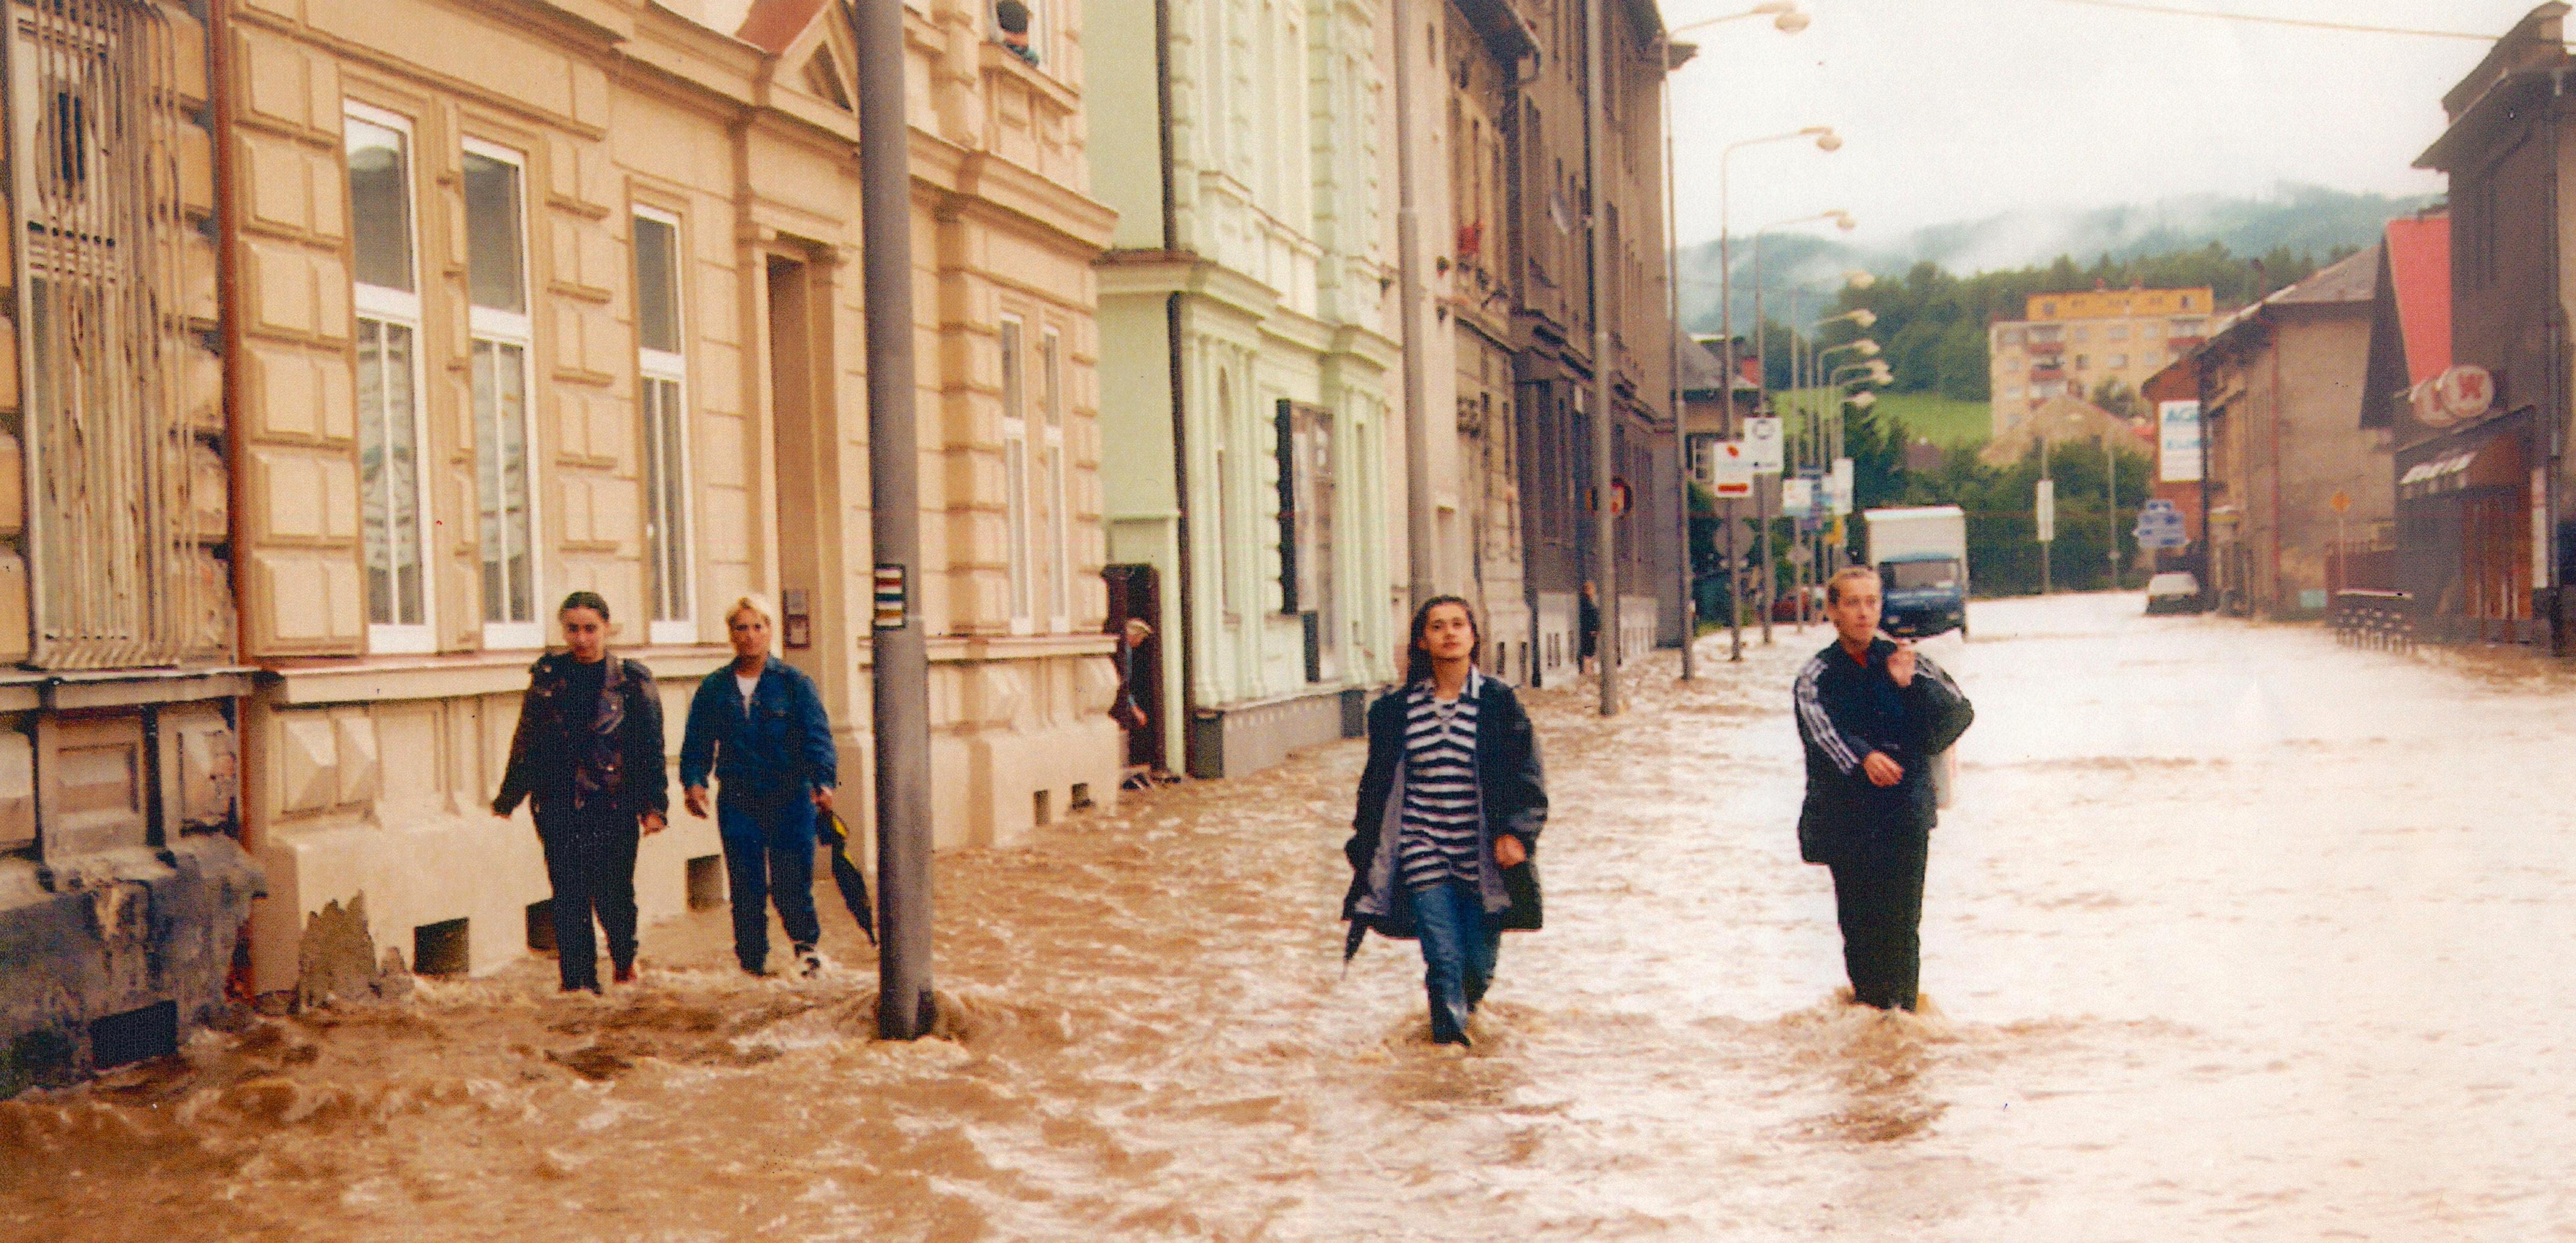 ulice Jesenická u vlakového nádraží